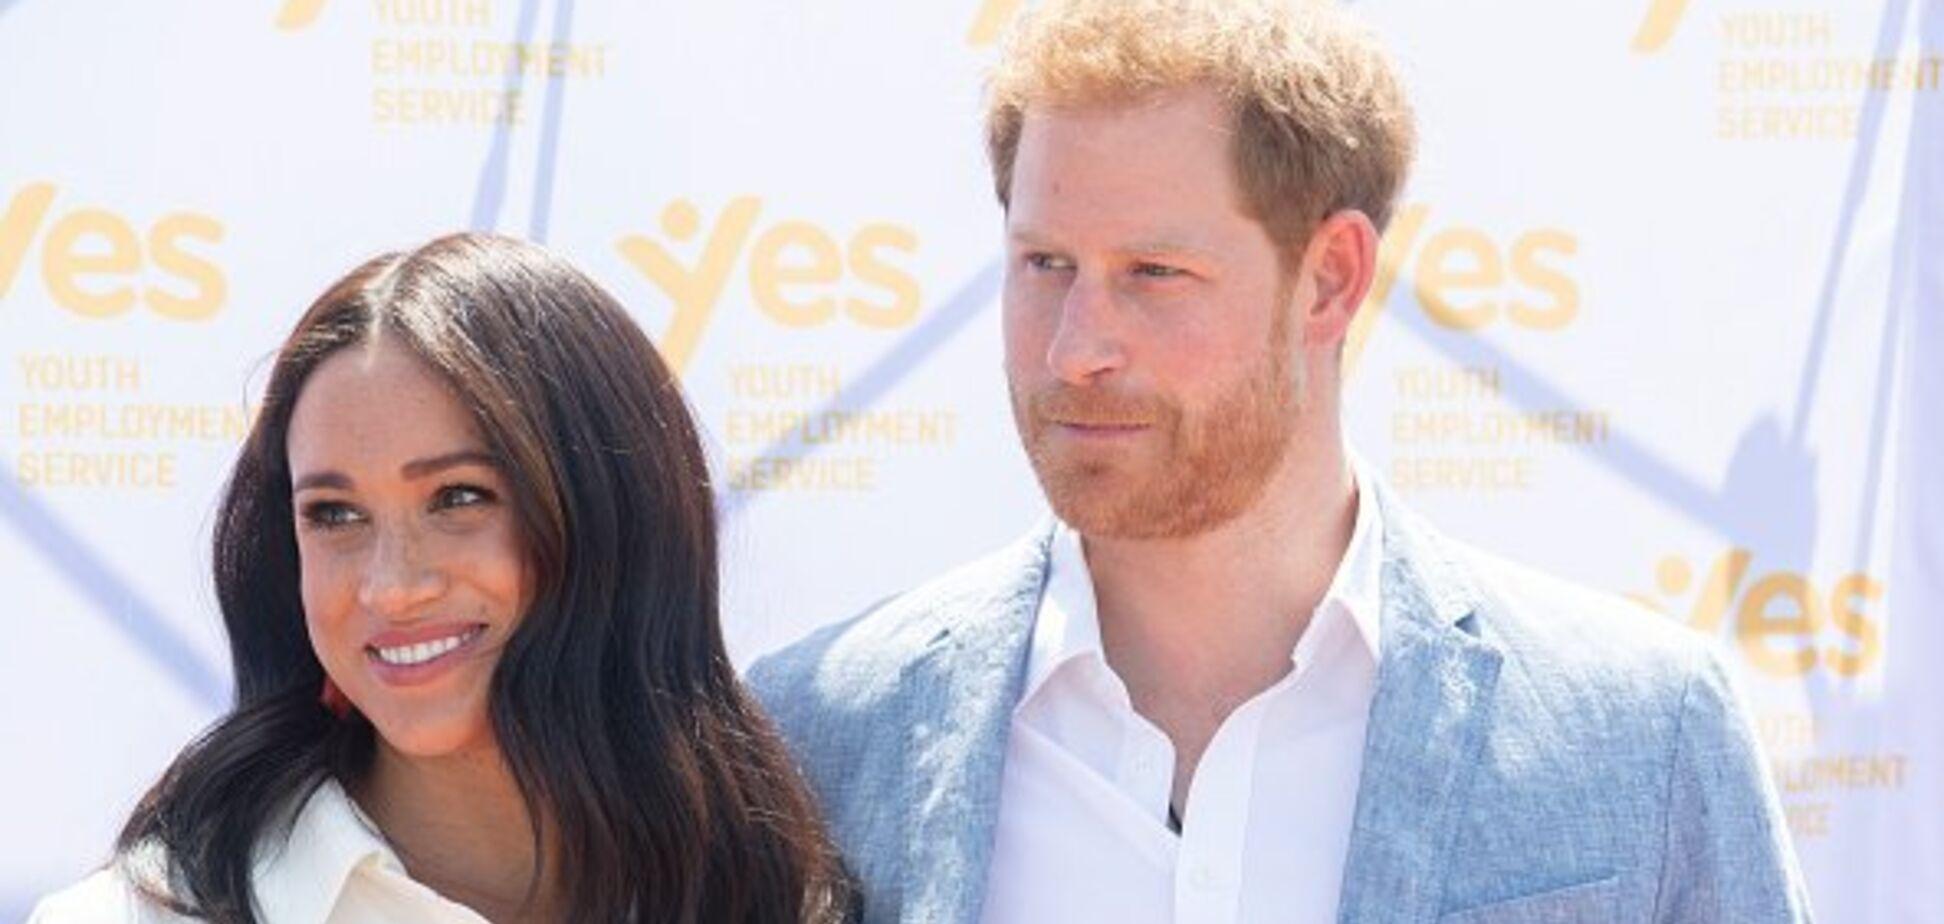 Принц Гарри и Меган Маркл решили уйти из королевской семьи: чем чревато